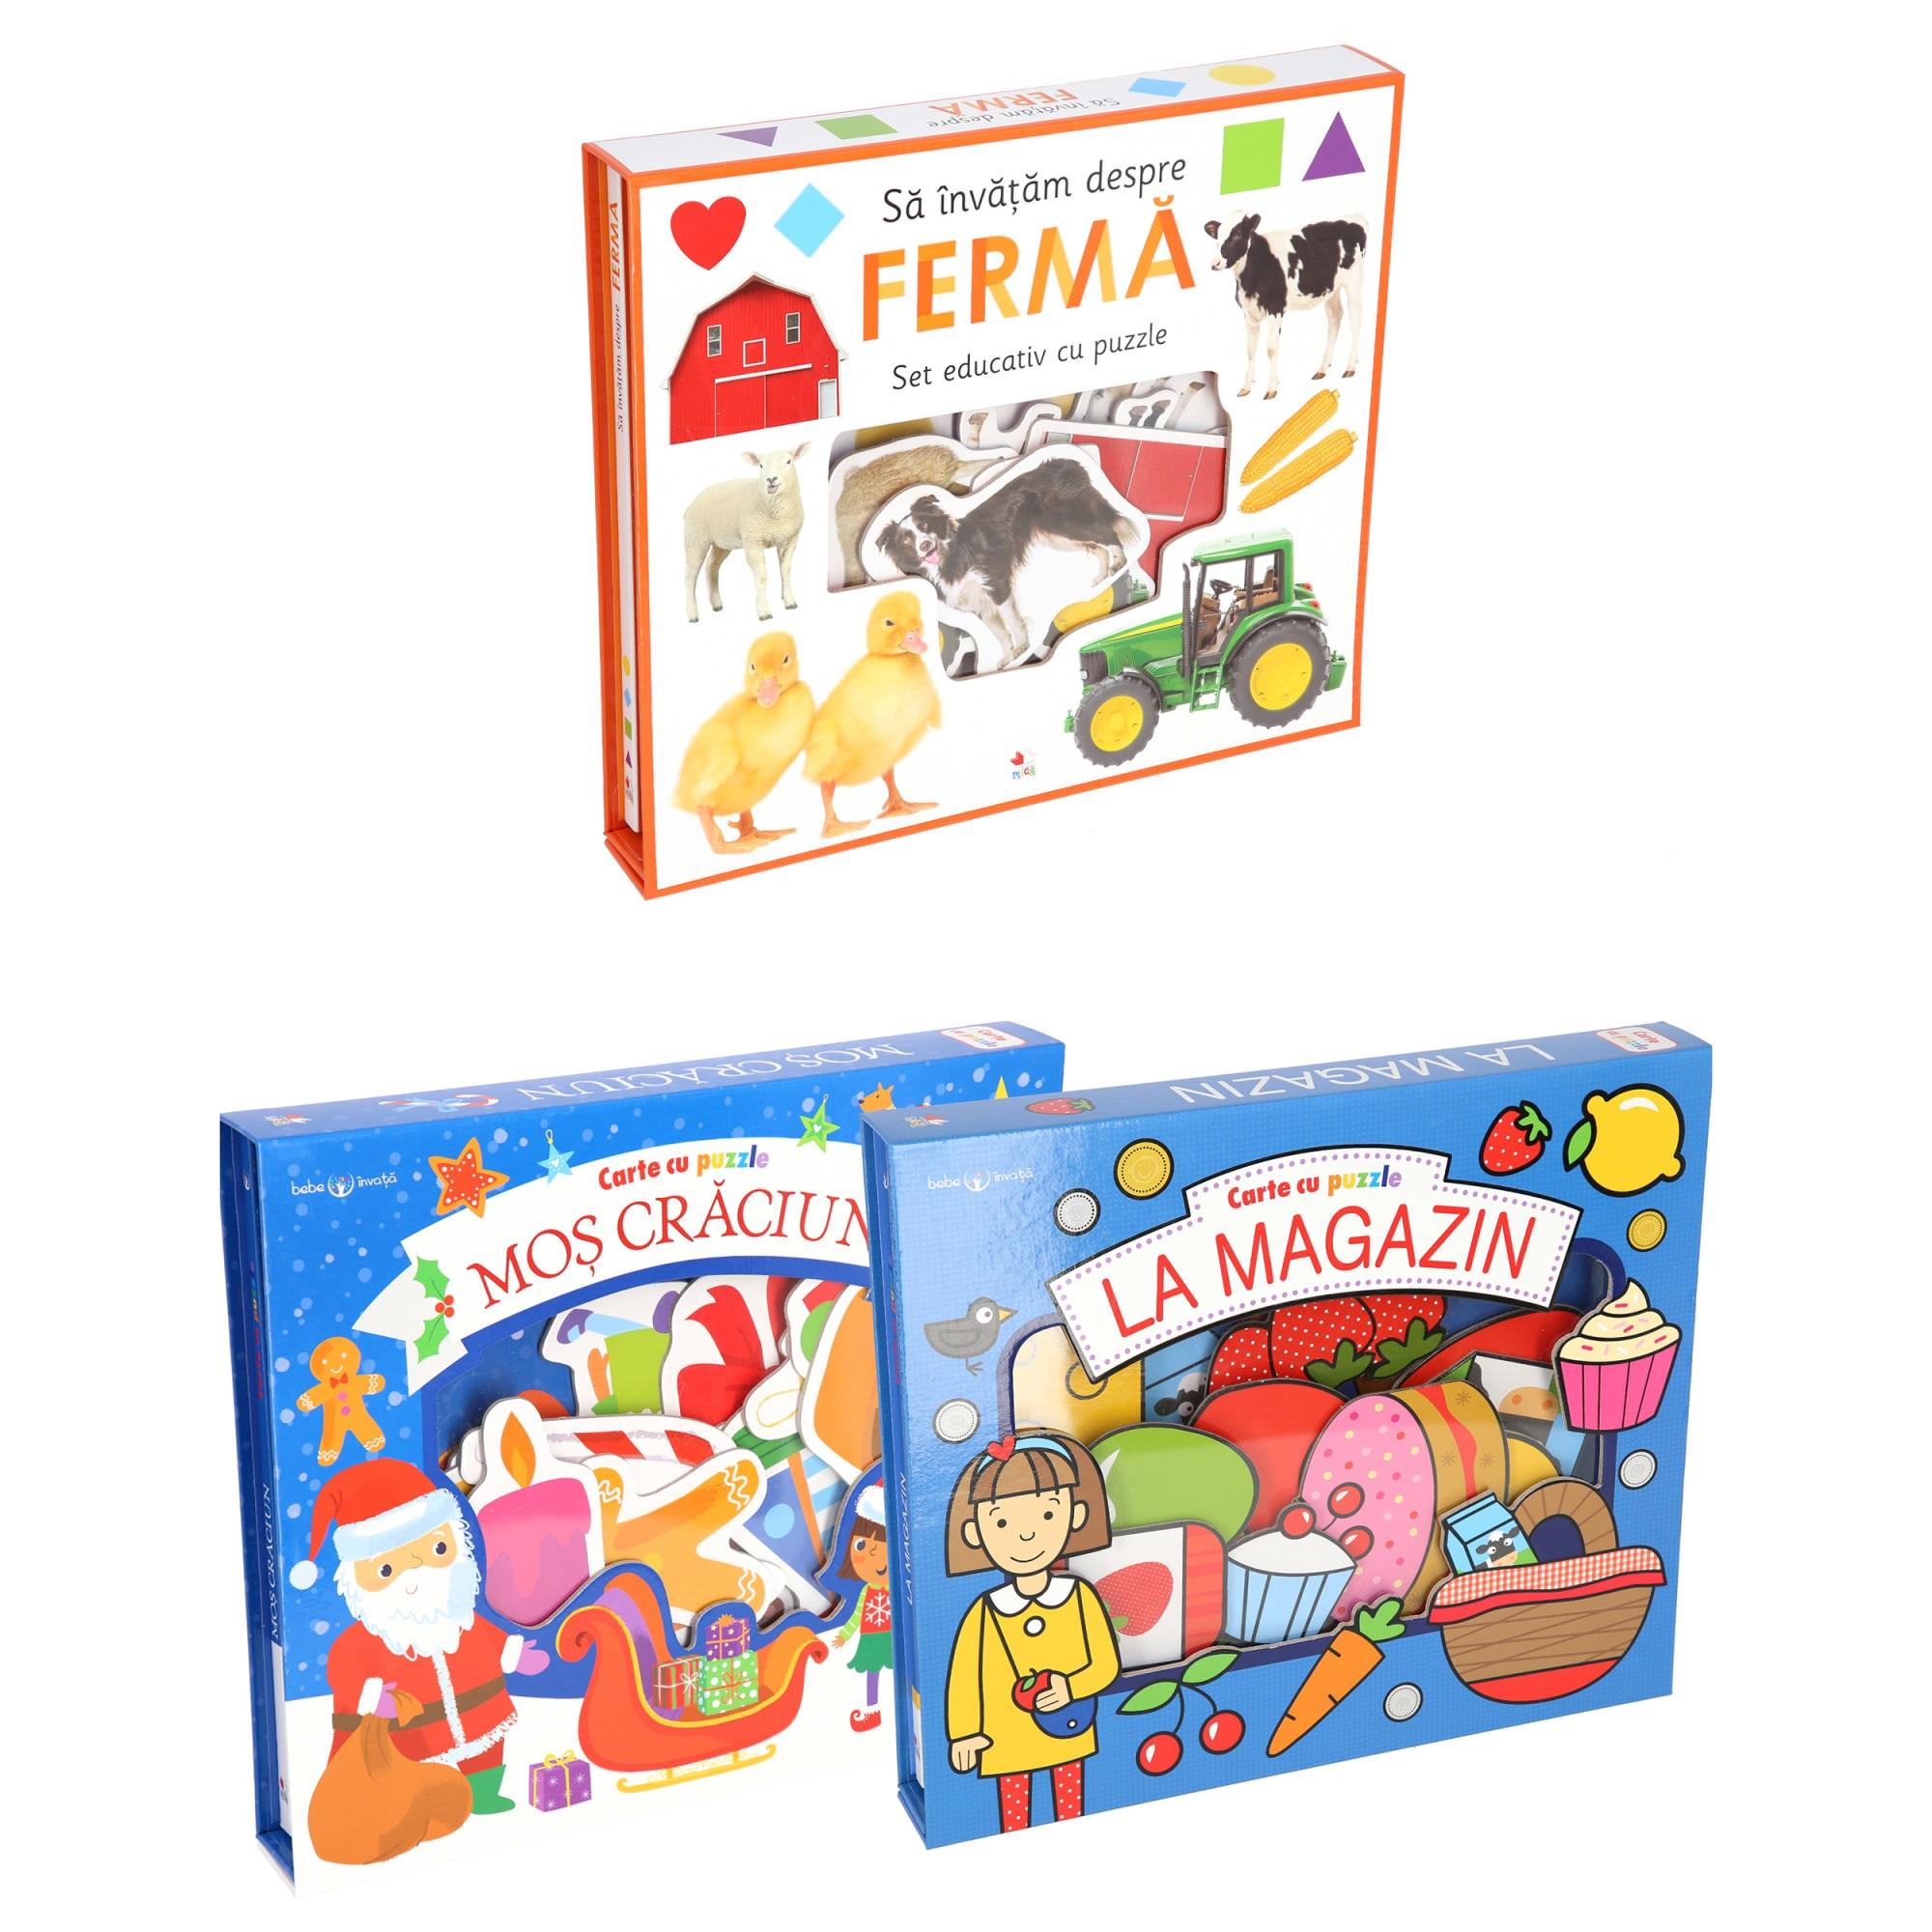 Fotografie Pachet carti cu puzzle Bebe invata, 3 carti